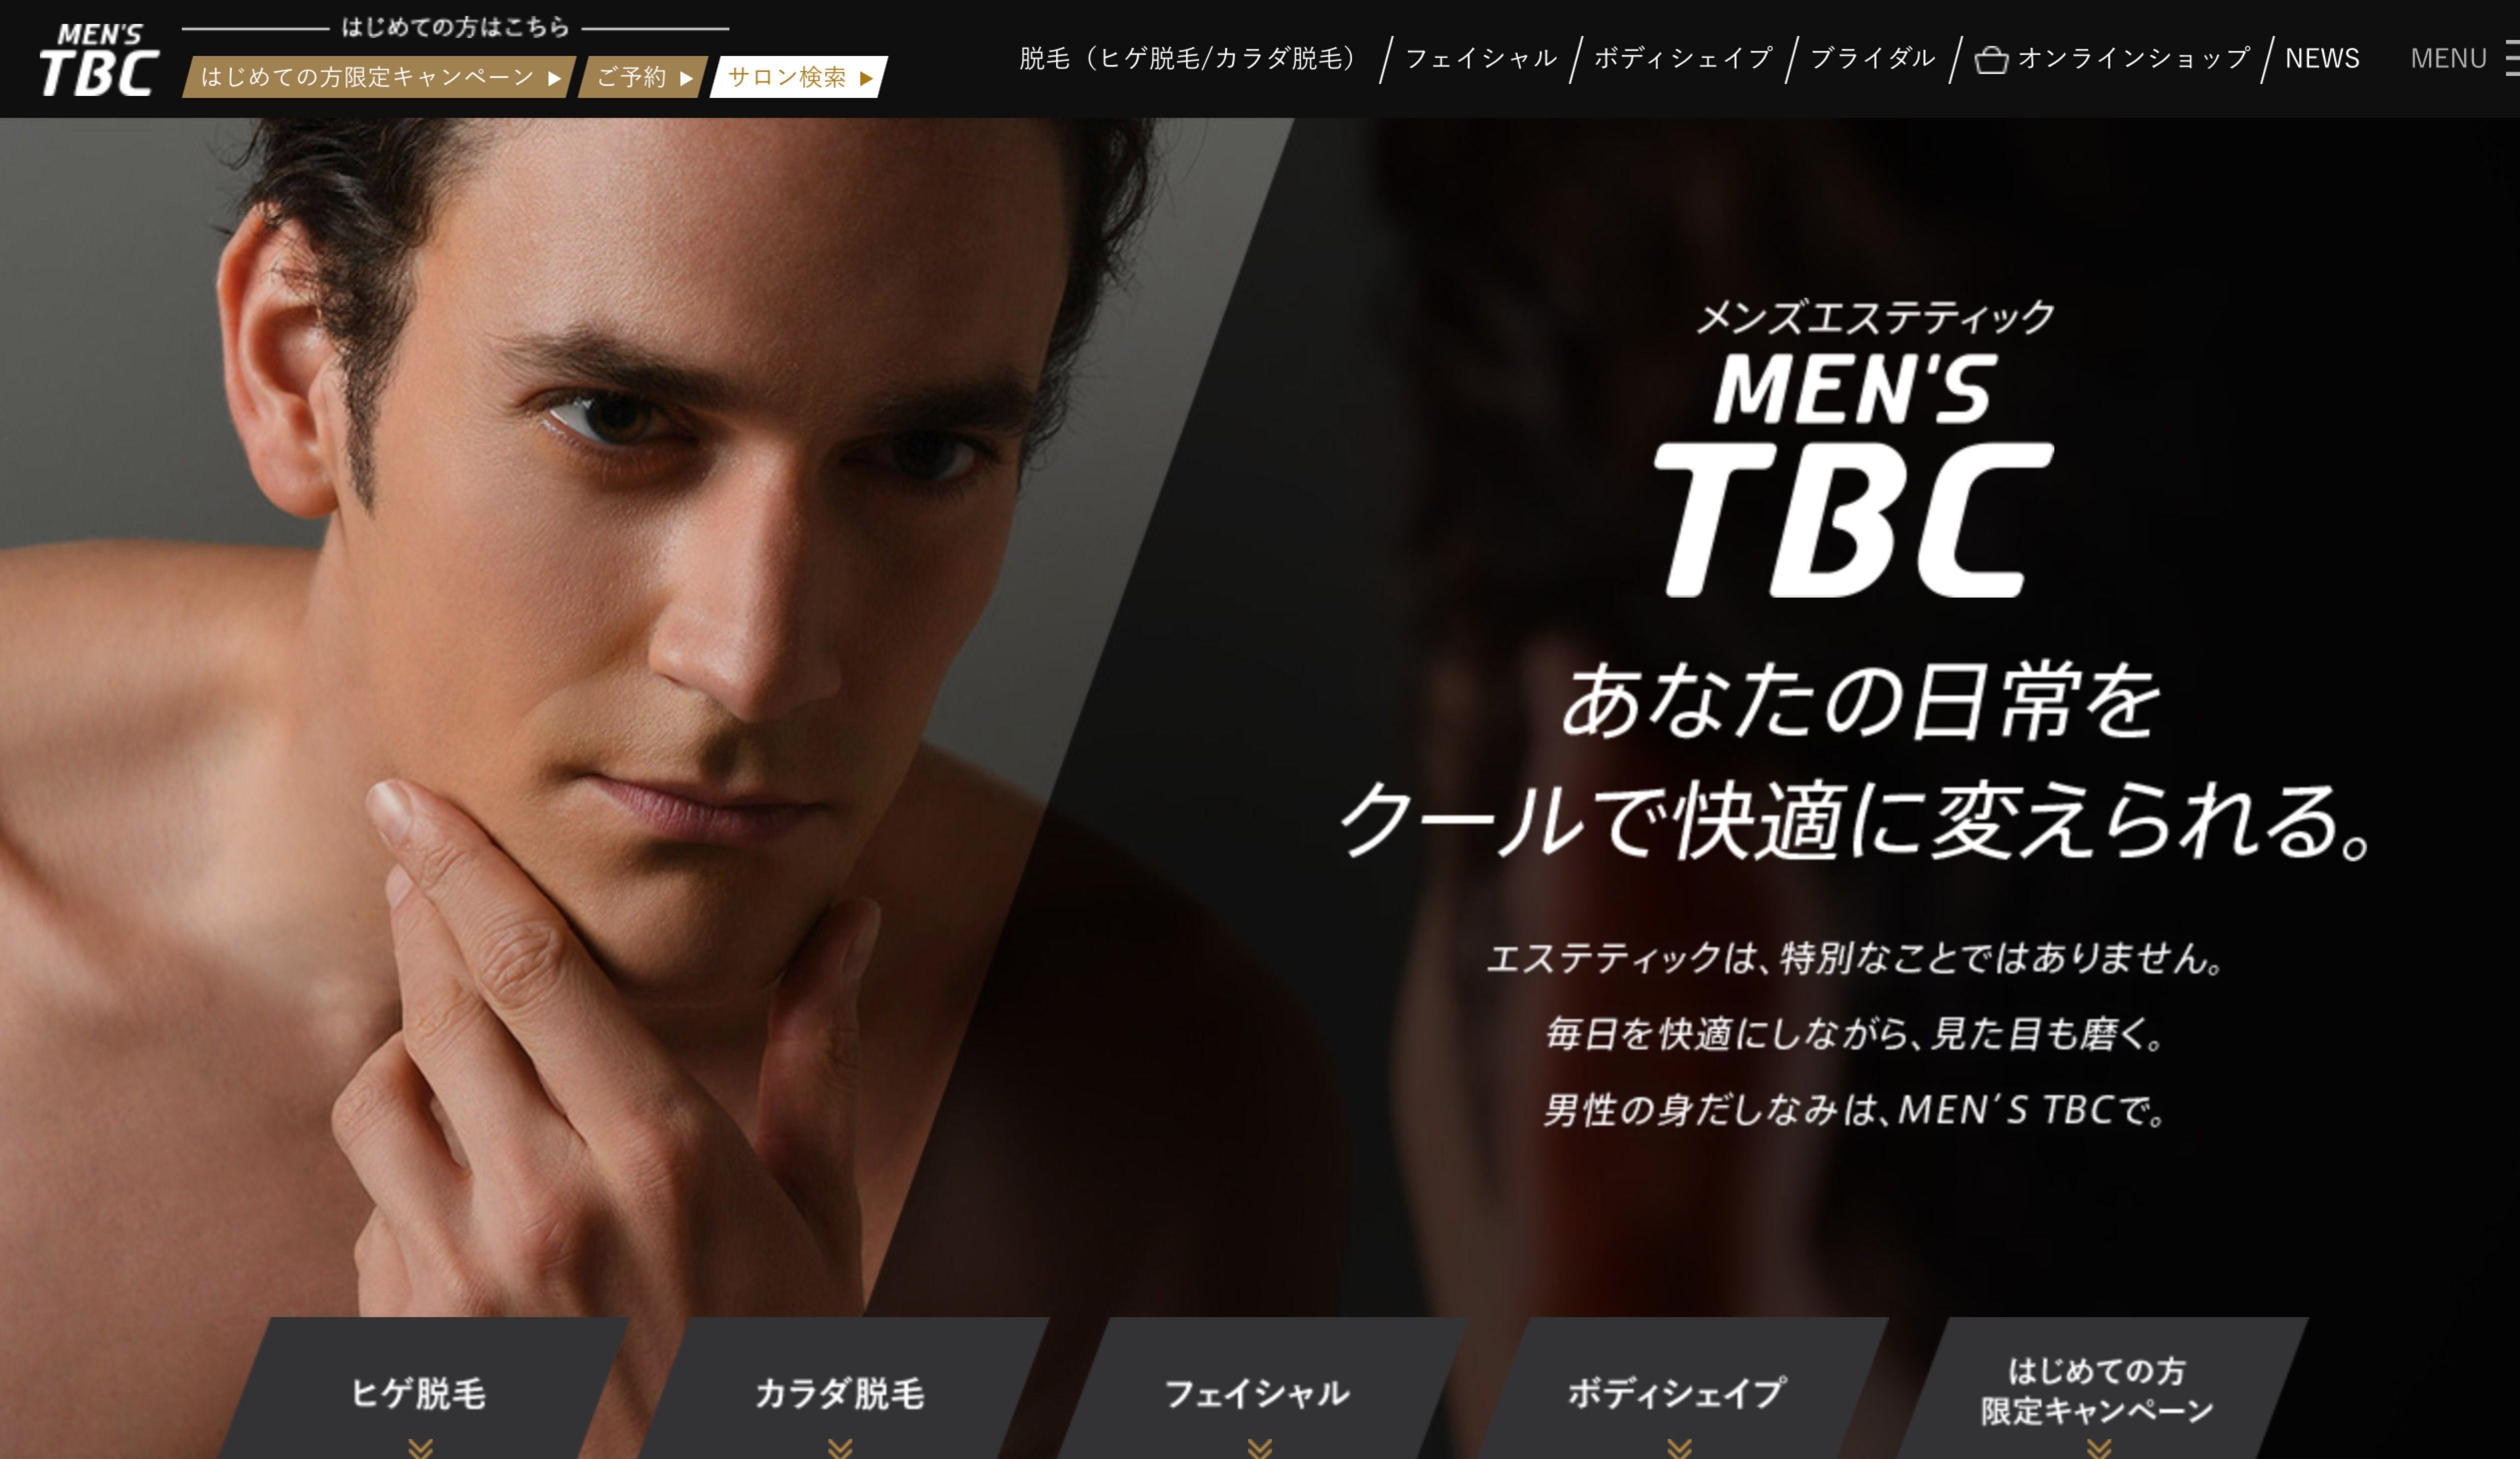 メンズTBC 大阪 髭脱毛